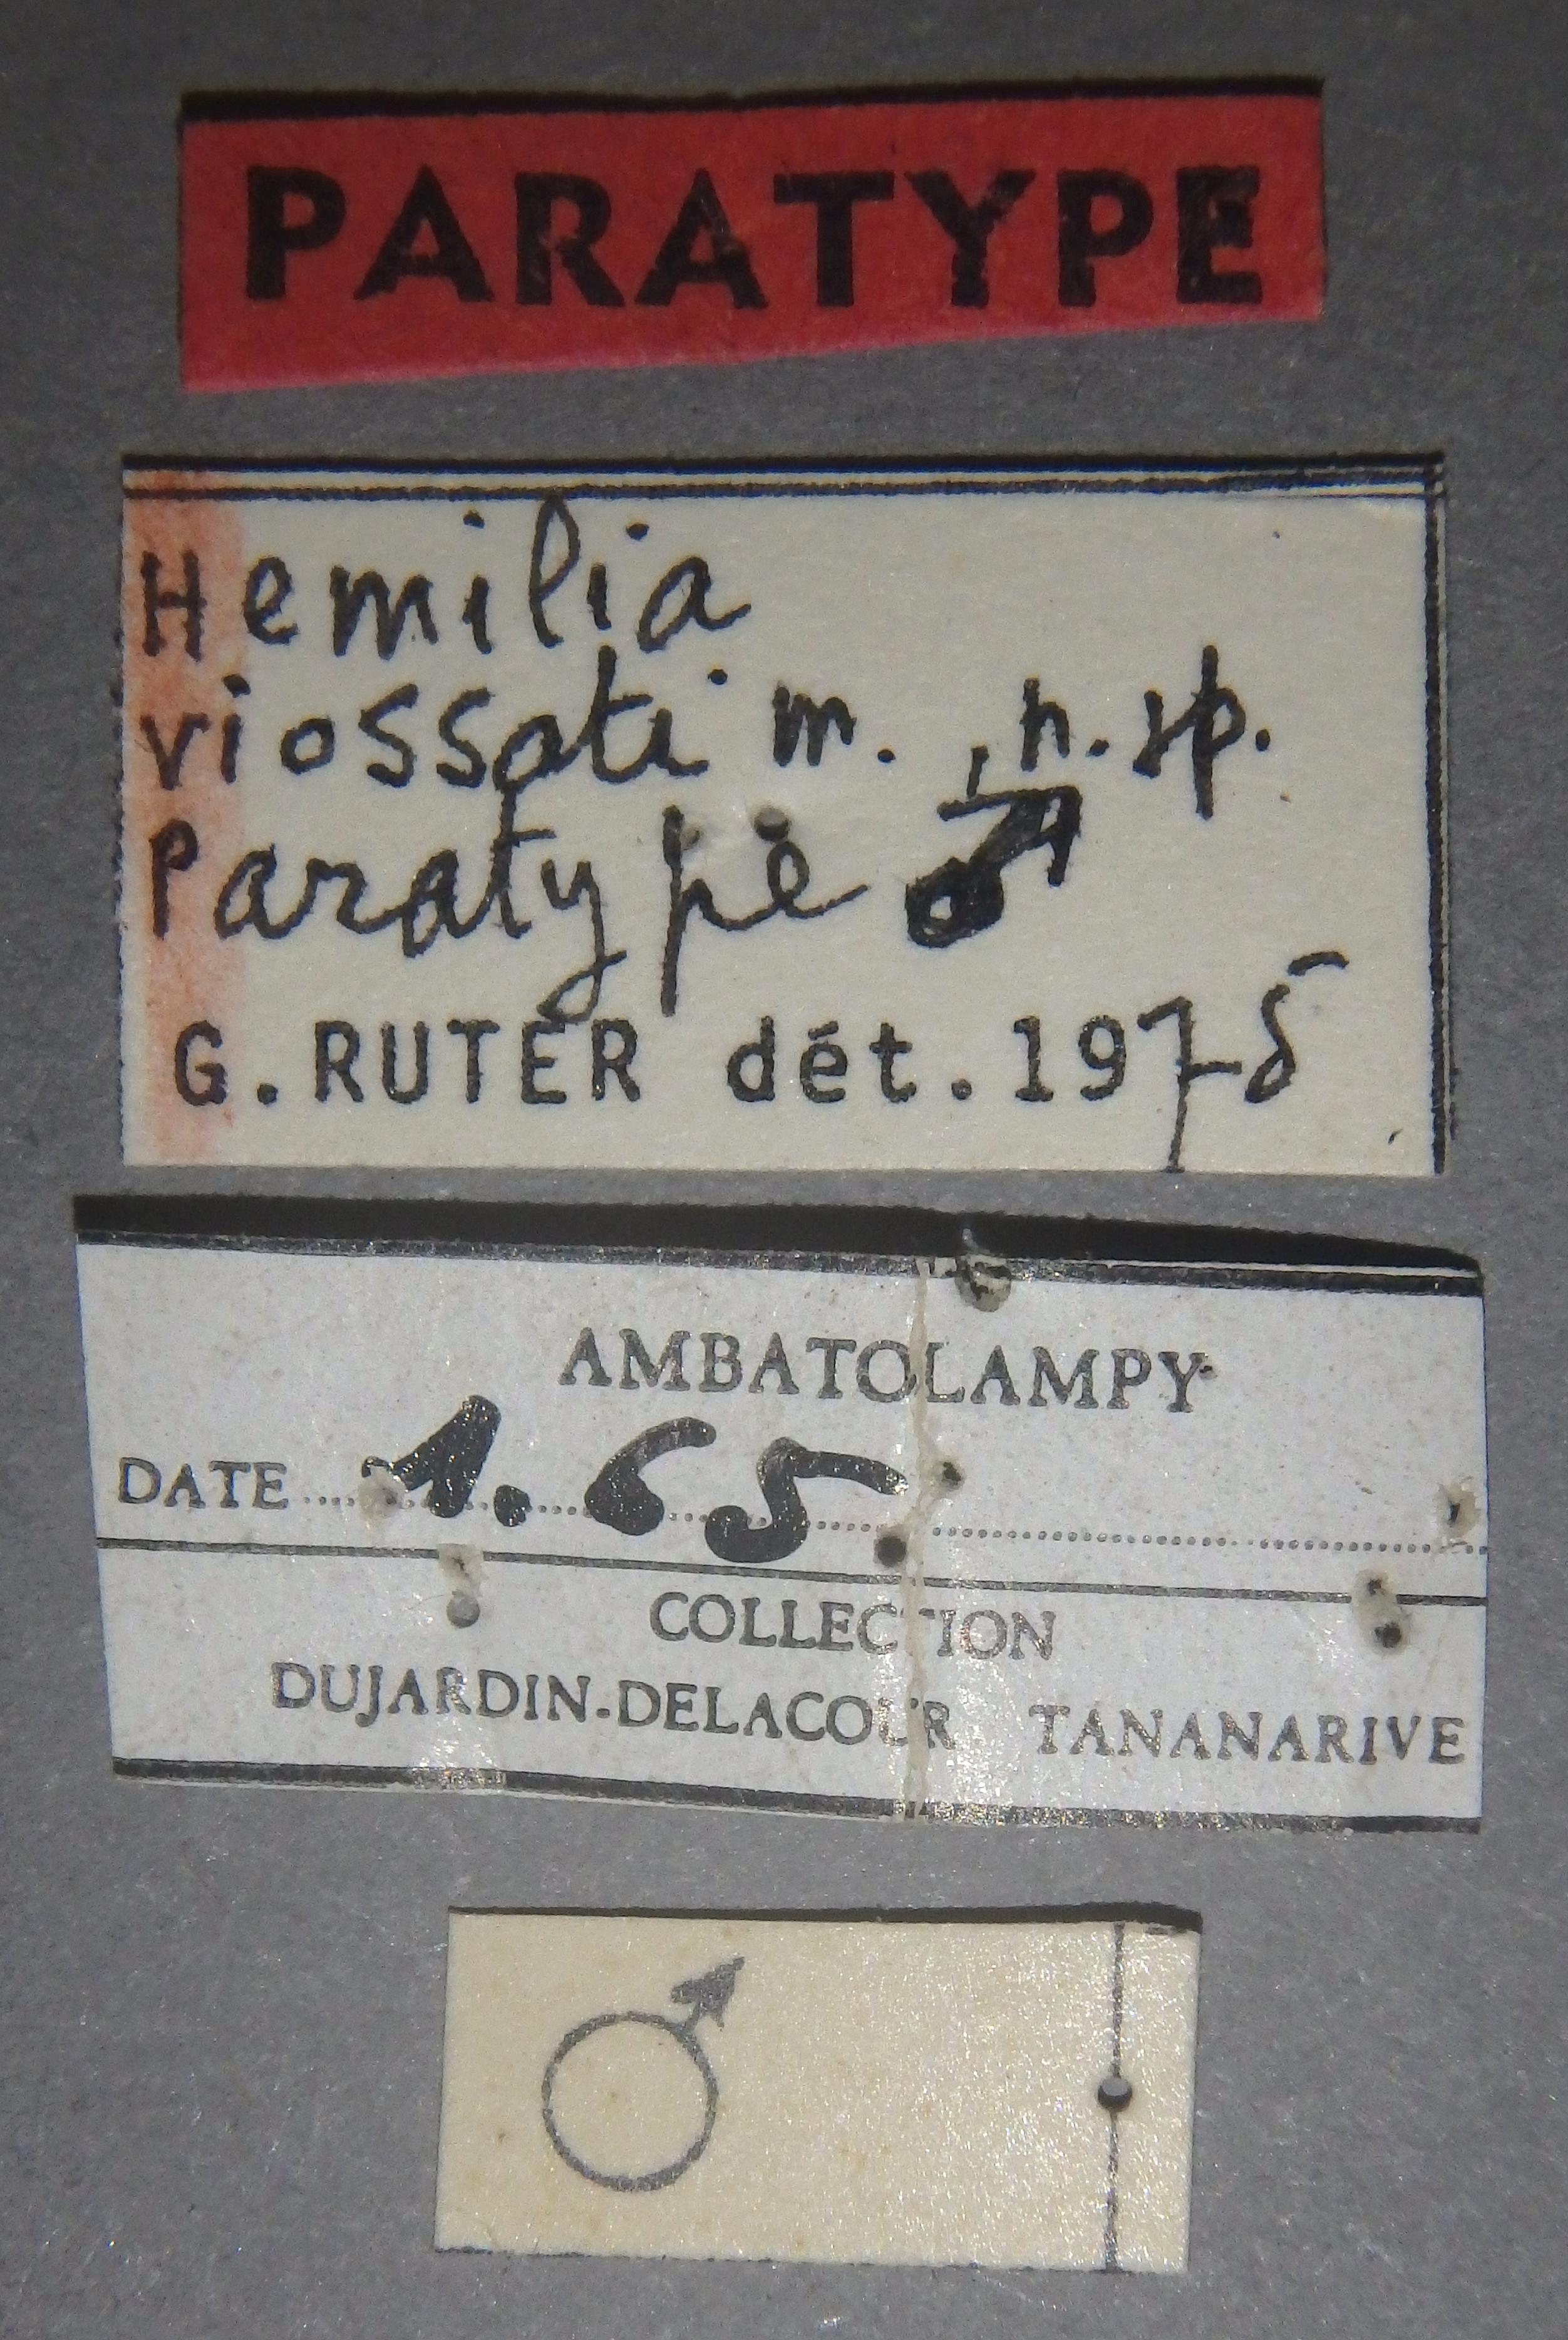 Hemilia viossati pt Lb.JPG